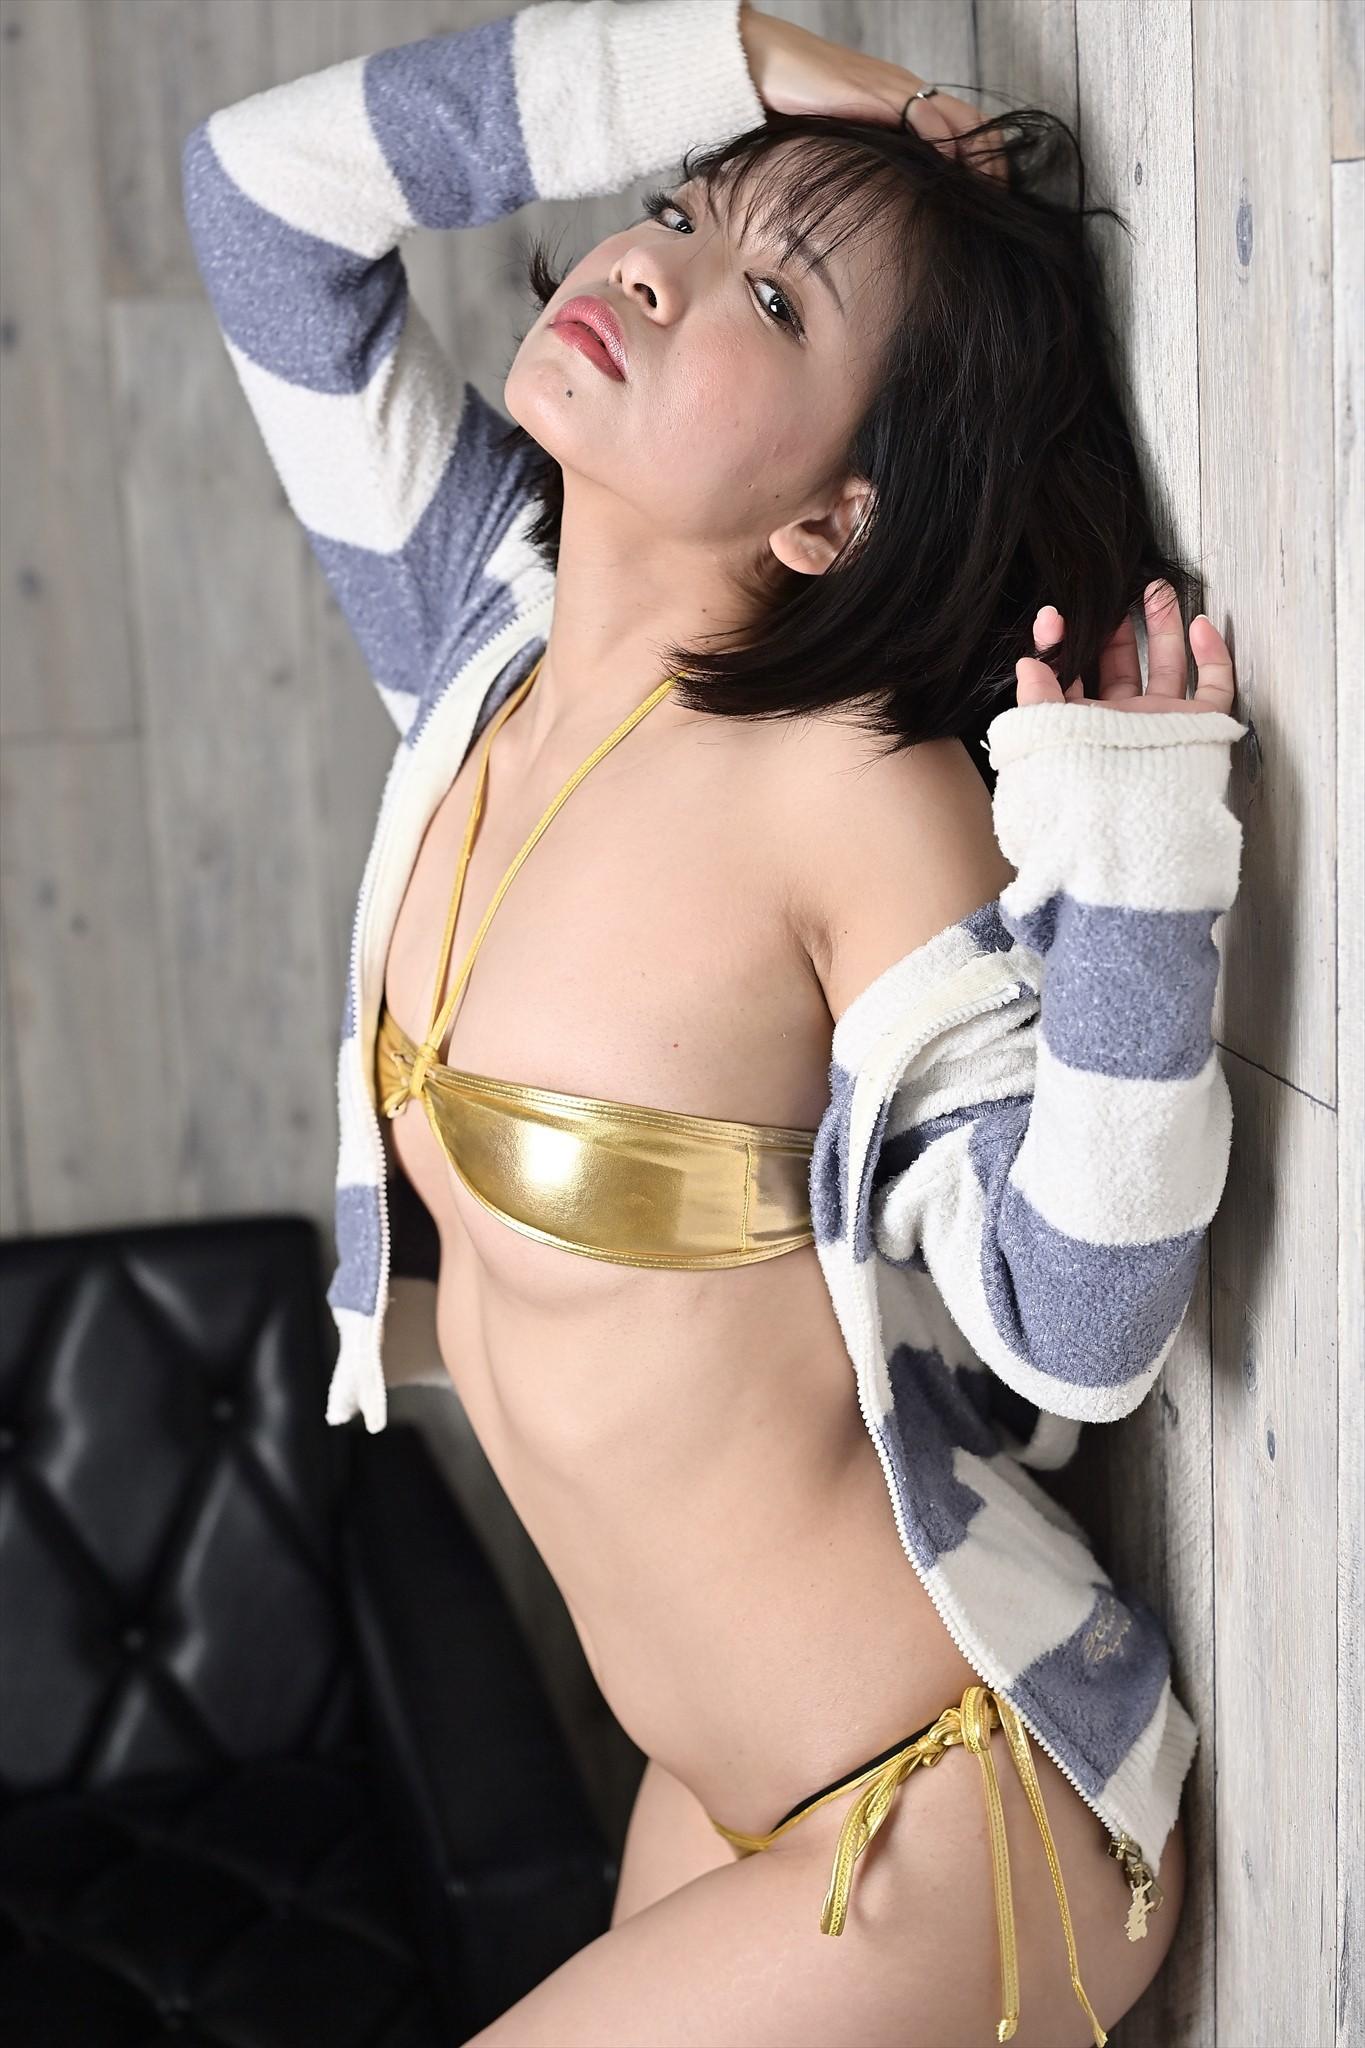 2020年11月14日 東京Lilyセッション撮影会報告_e0194893_23283335.jpg